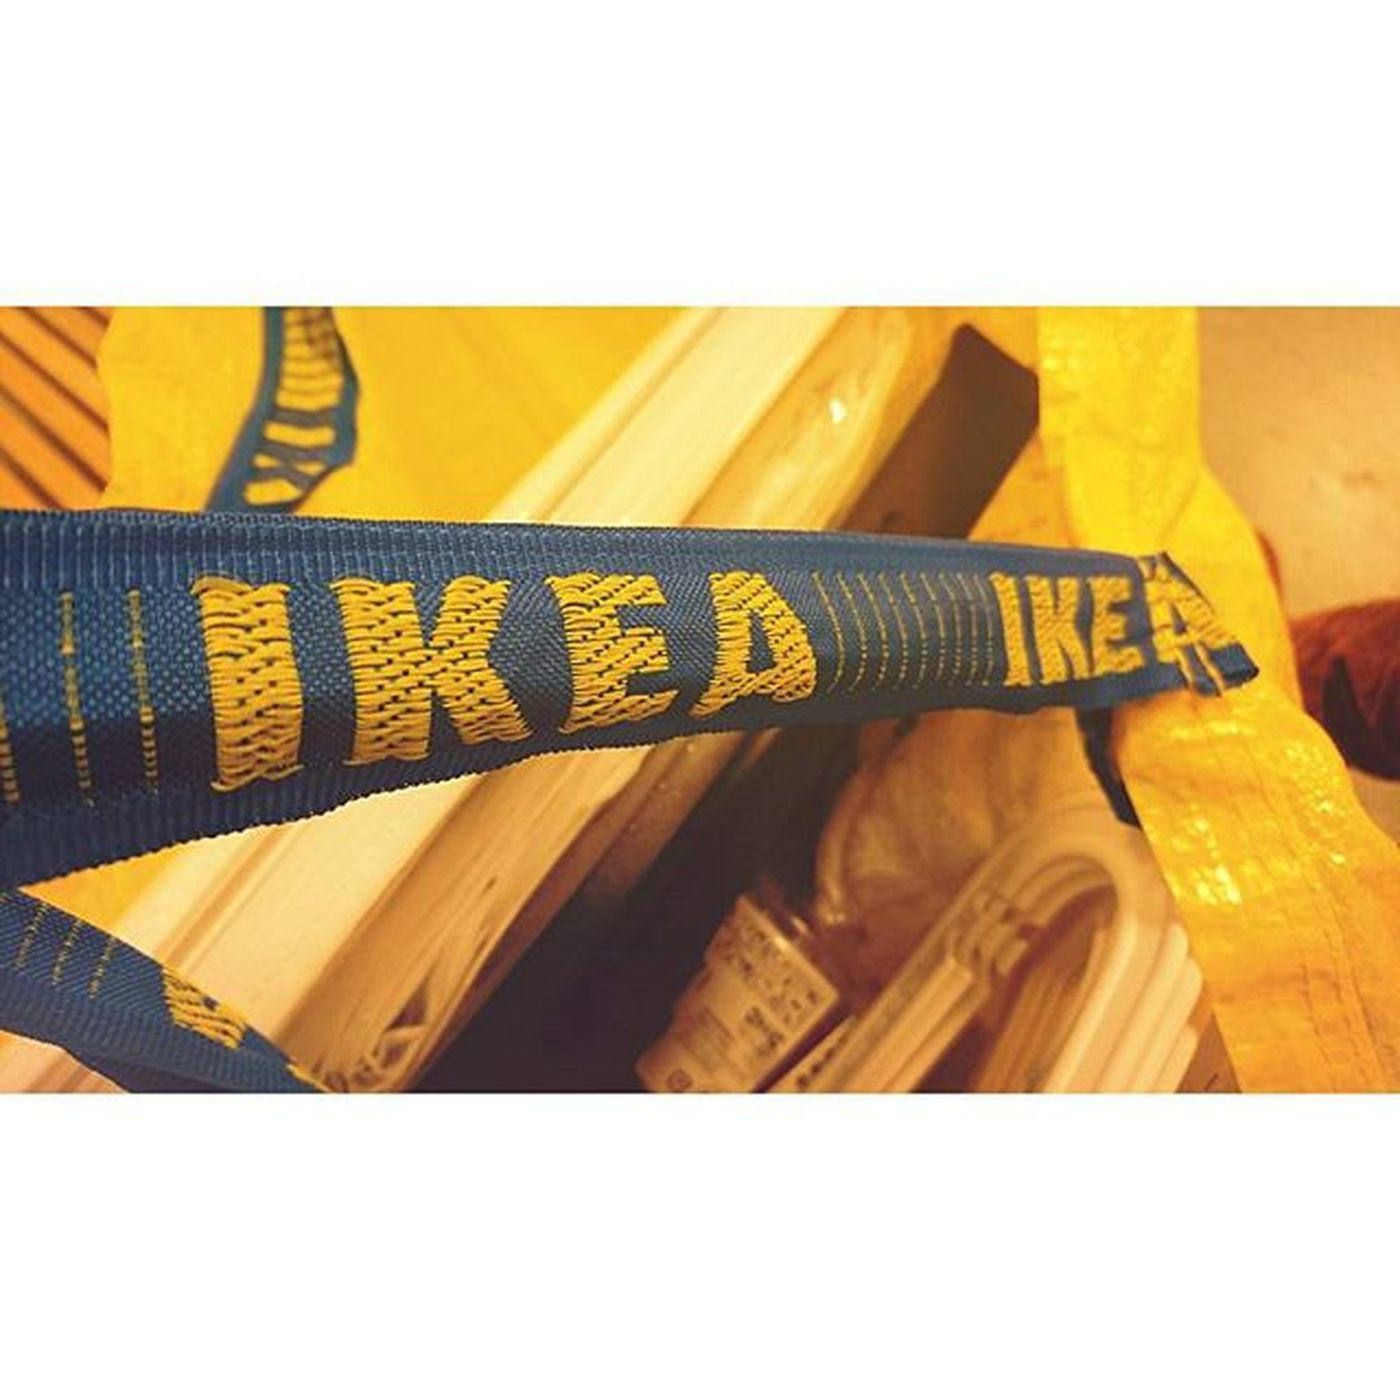 ⭐⭐⭐ゆうちゃんと初 IKEA 将来 広い お家 引っ越したら って 夢 広がった 楽しかった また行こうね IKEA 立川